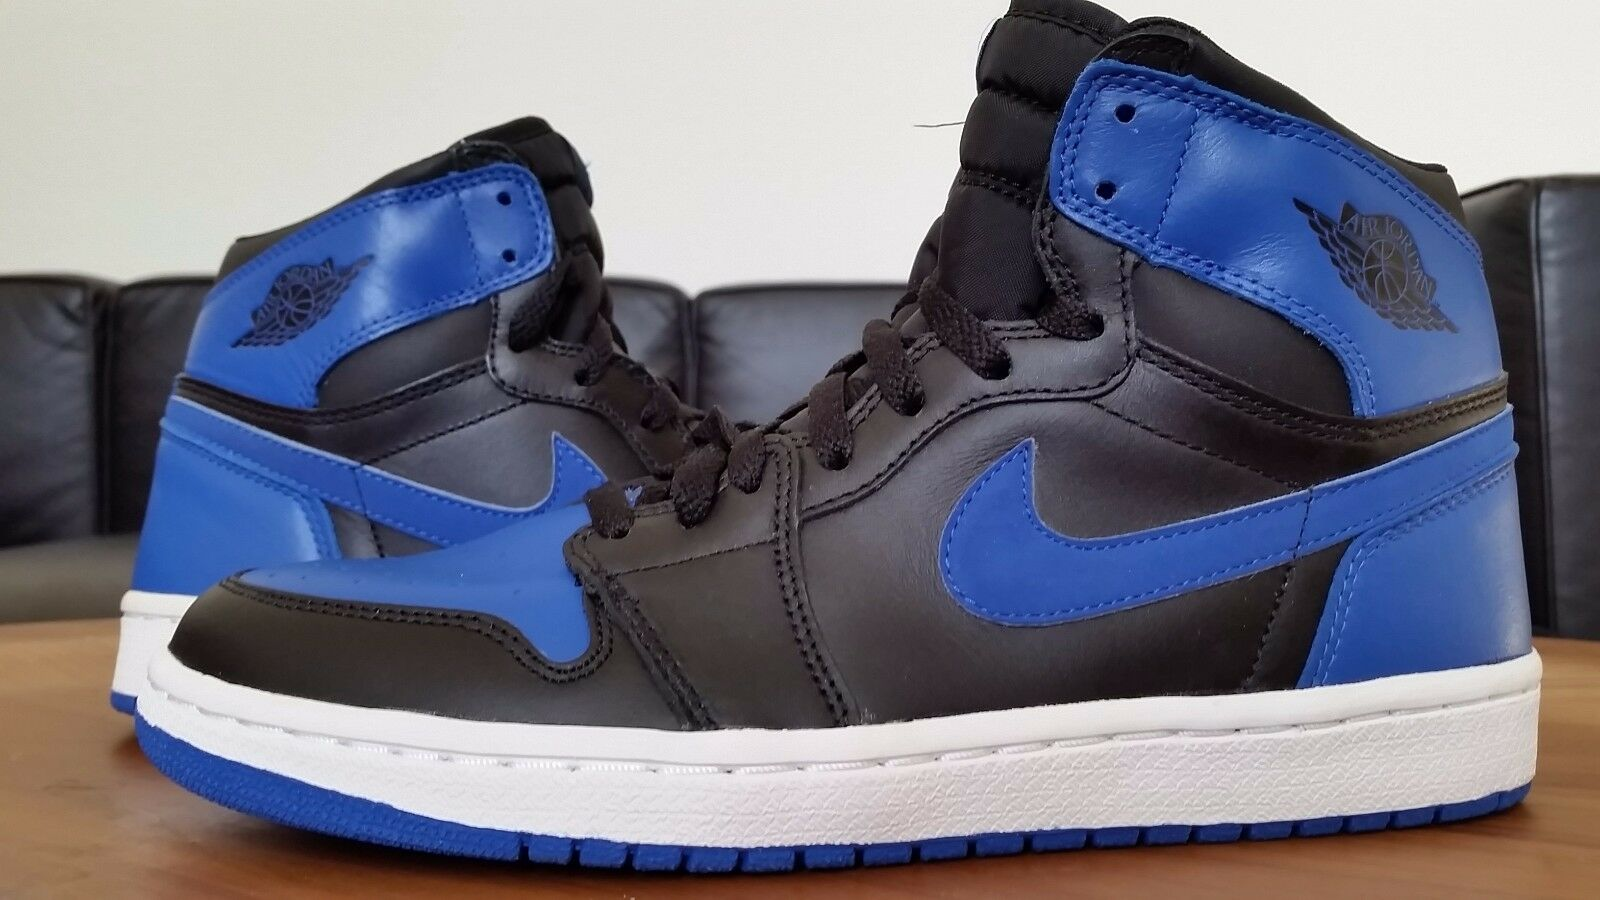 2001 136066-041 Nike Air Jordan Black/Royal 1 9